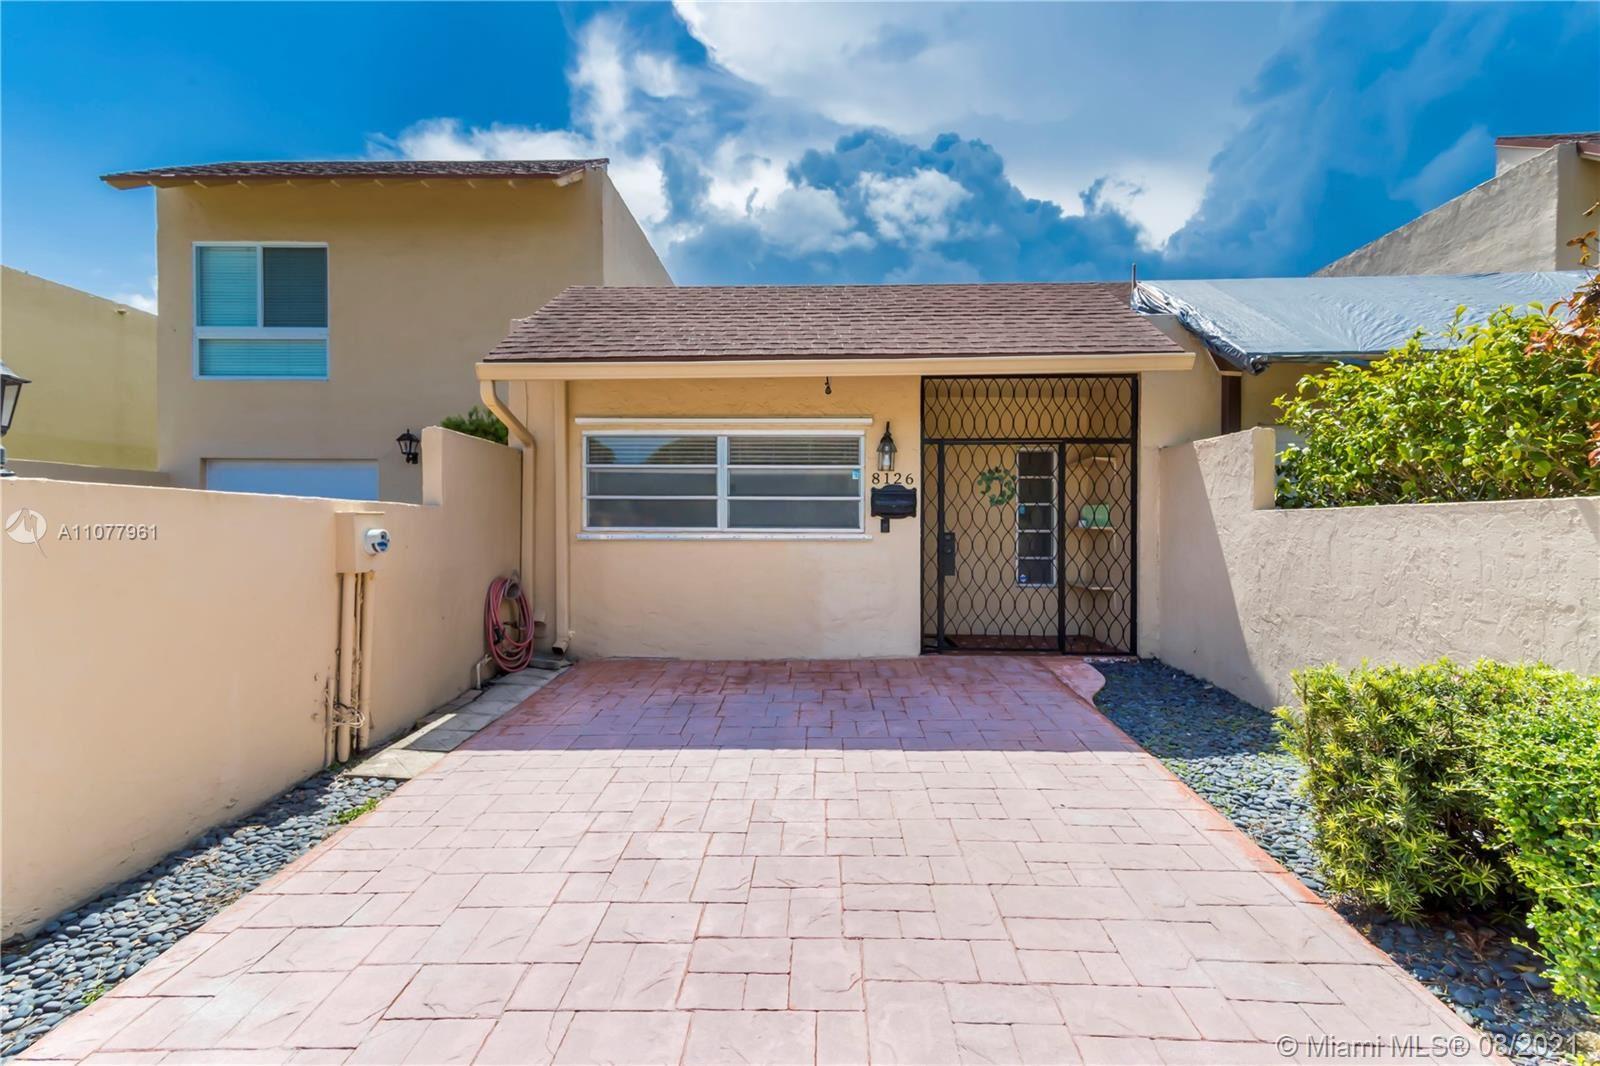 8126 SW 103 Ave #8126, Miami, FL 33173 - #: A11077961